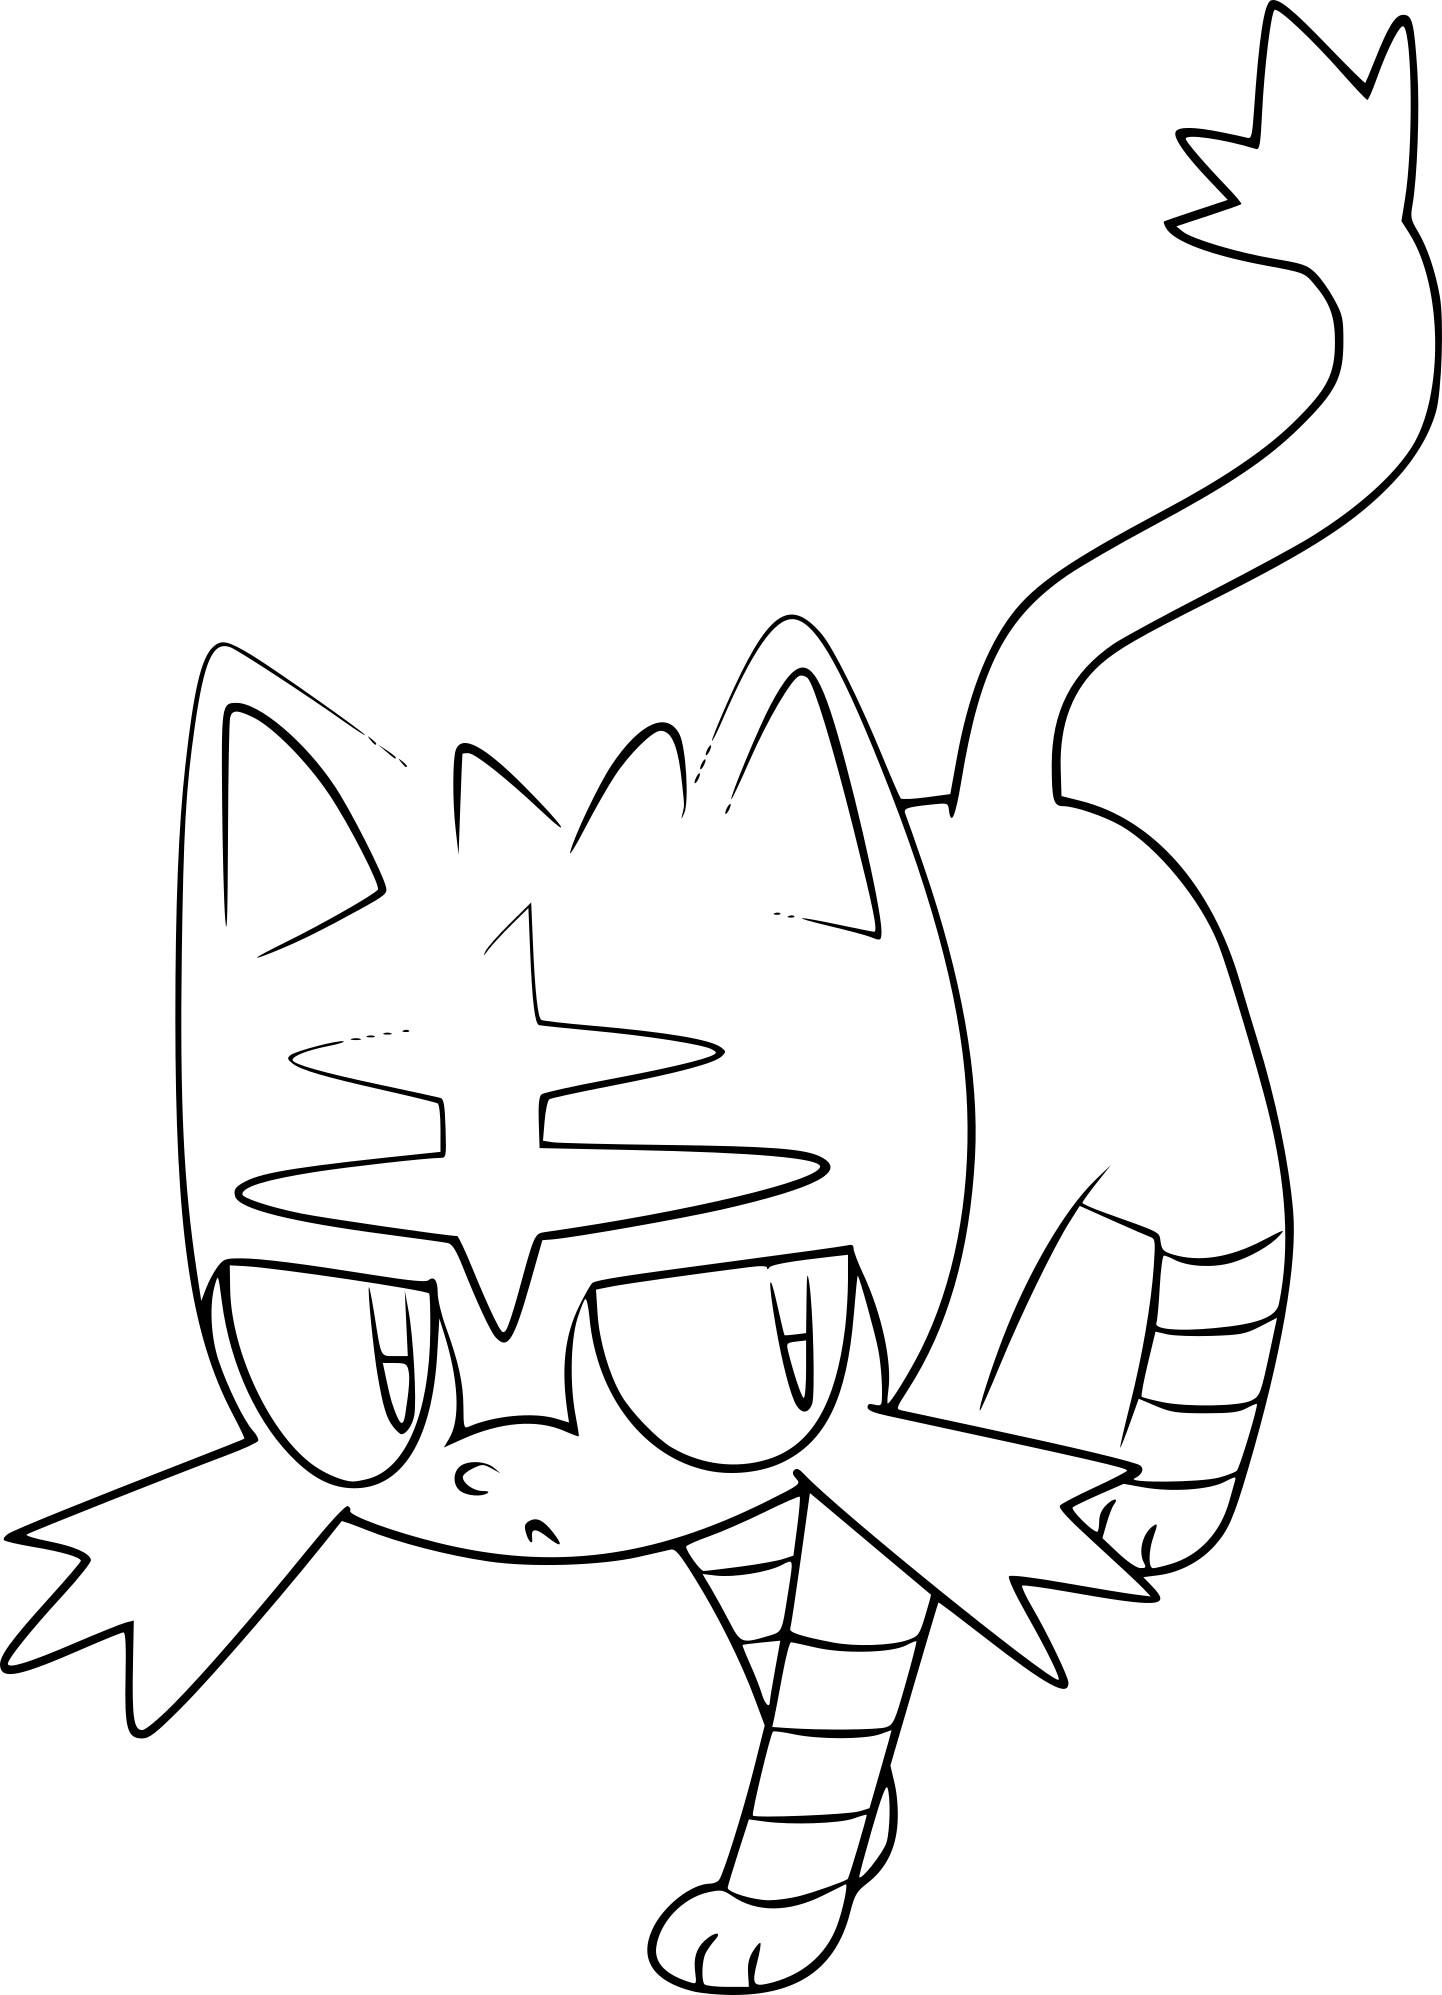 Coloriage Flamiaou Pokemon à Imprimer